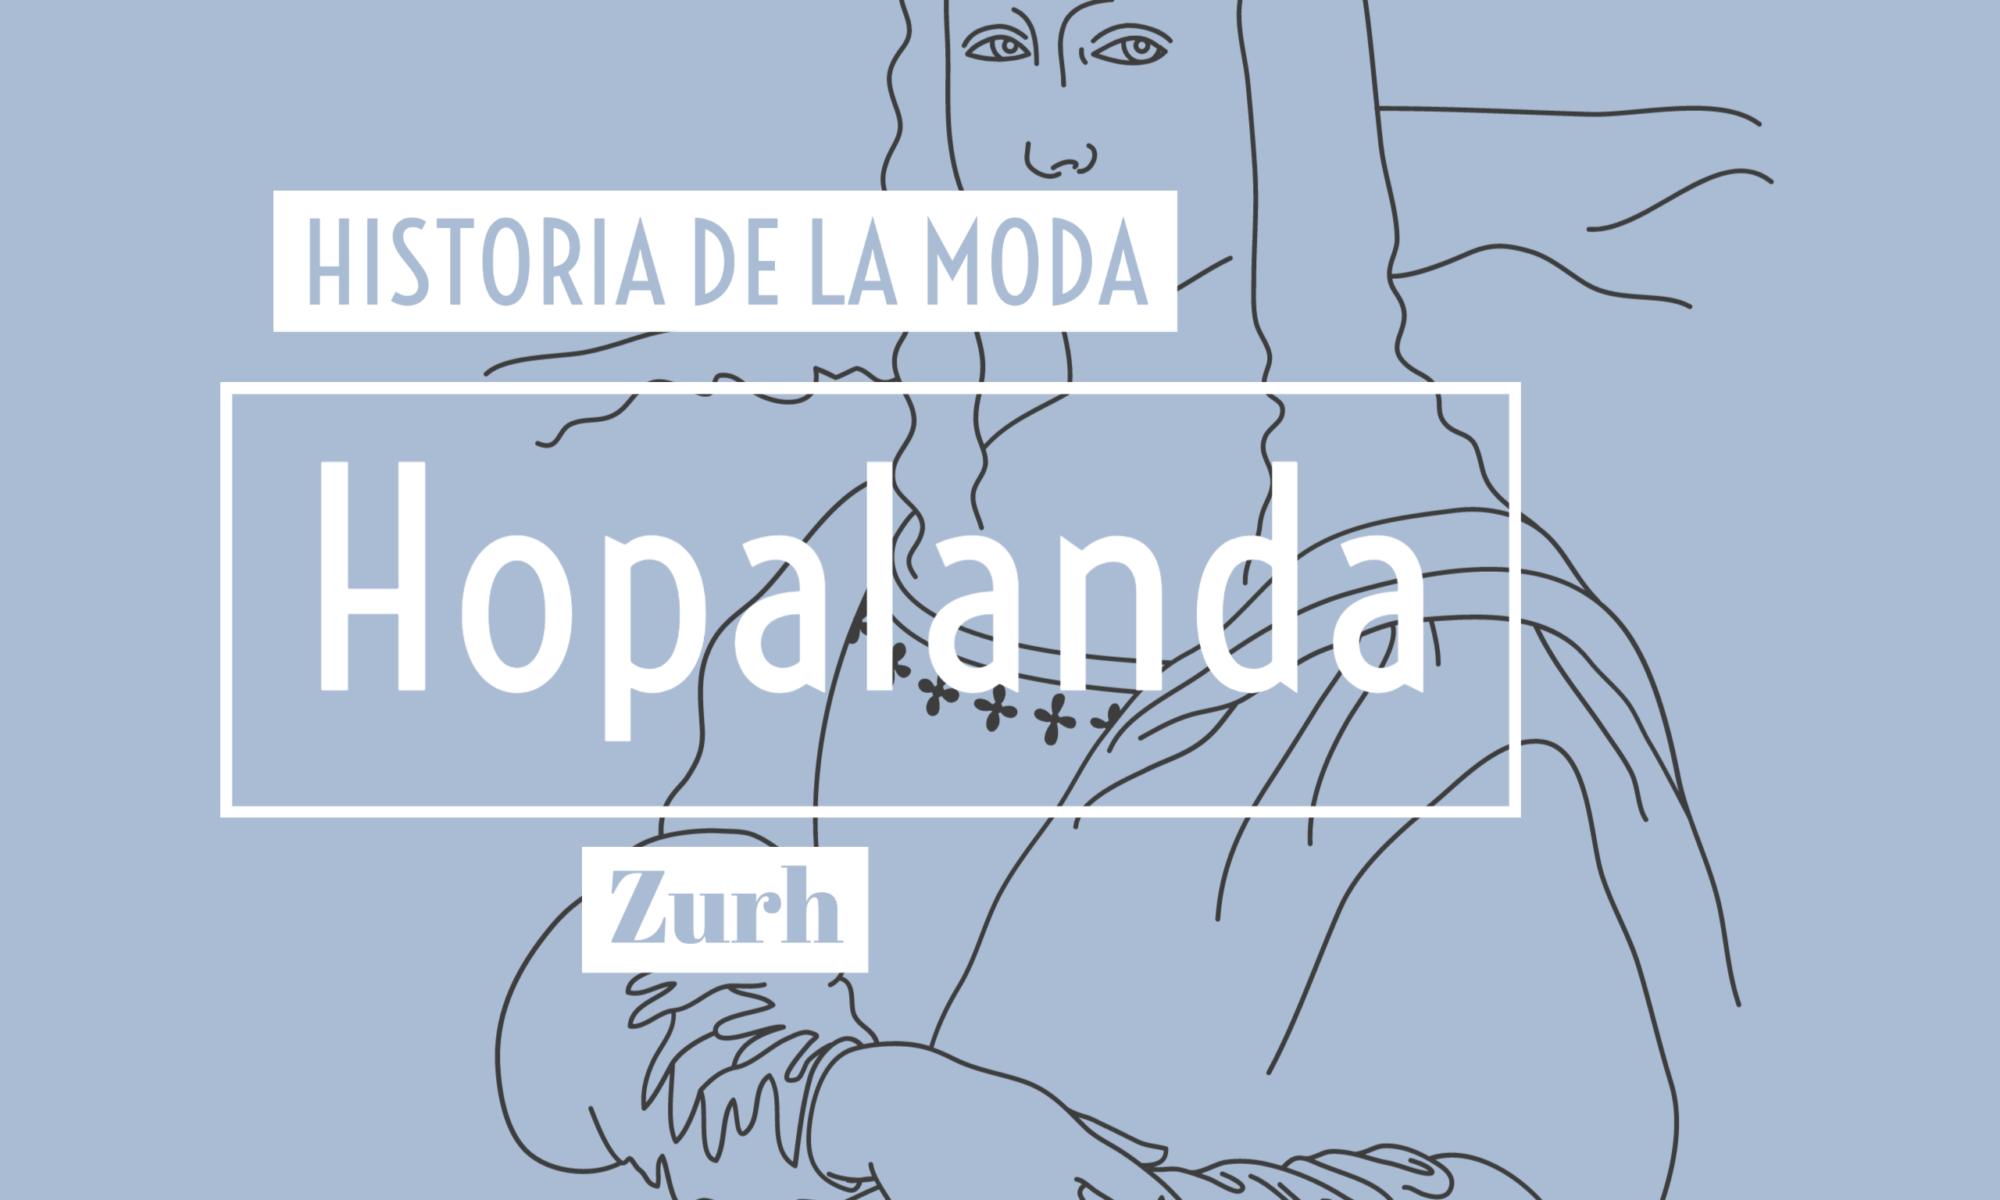 hopalanda hisotria moda zurh